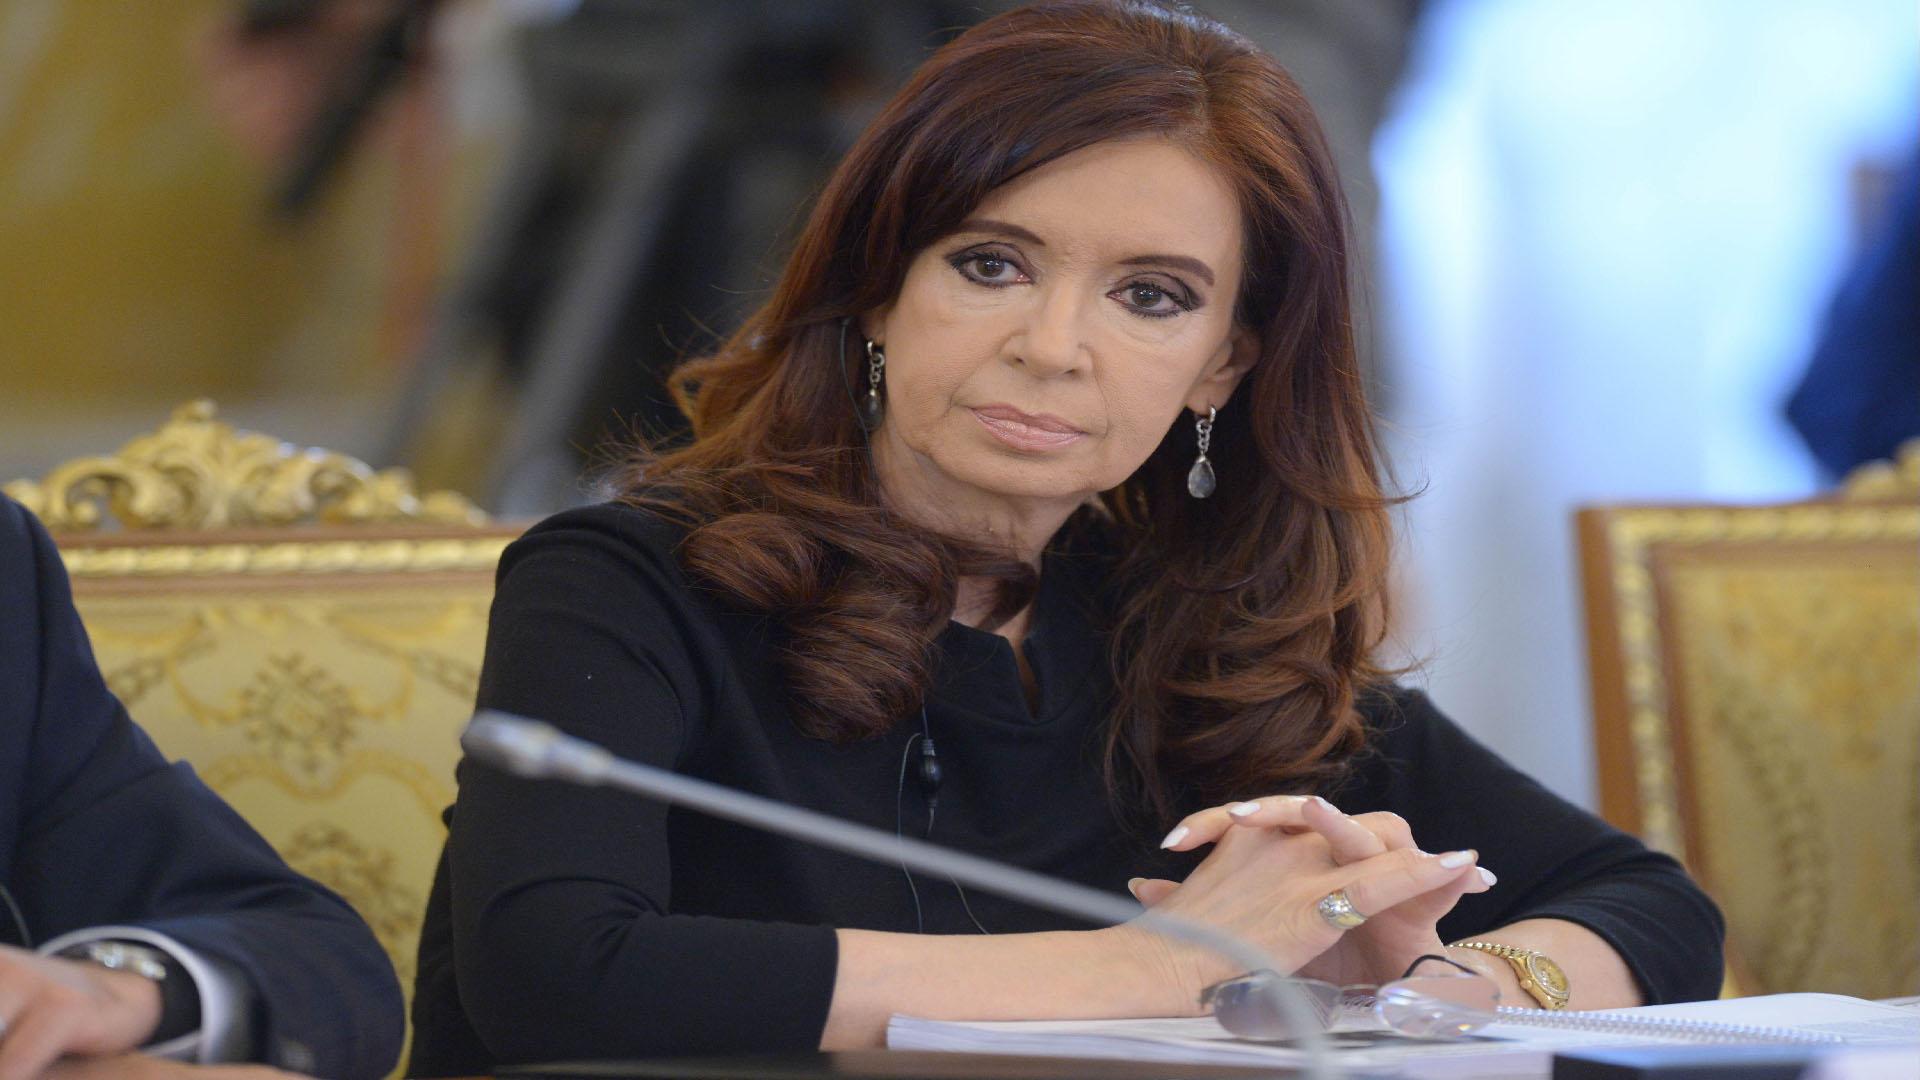 La ex presidenta fue acusada de lavado de dinero y enriquecimiento ilícito